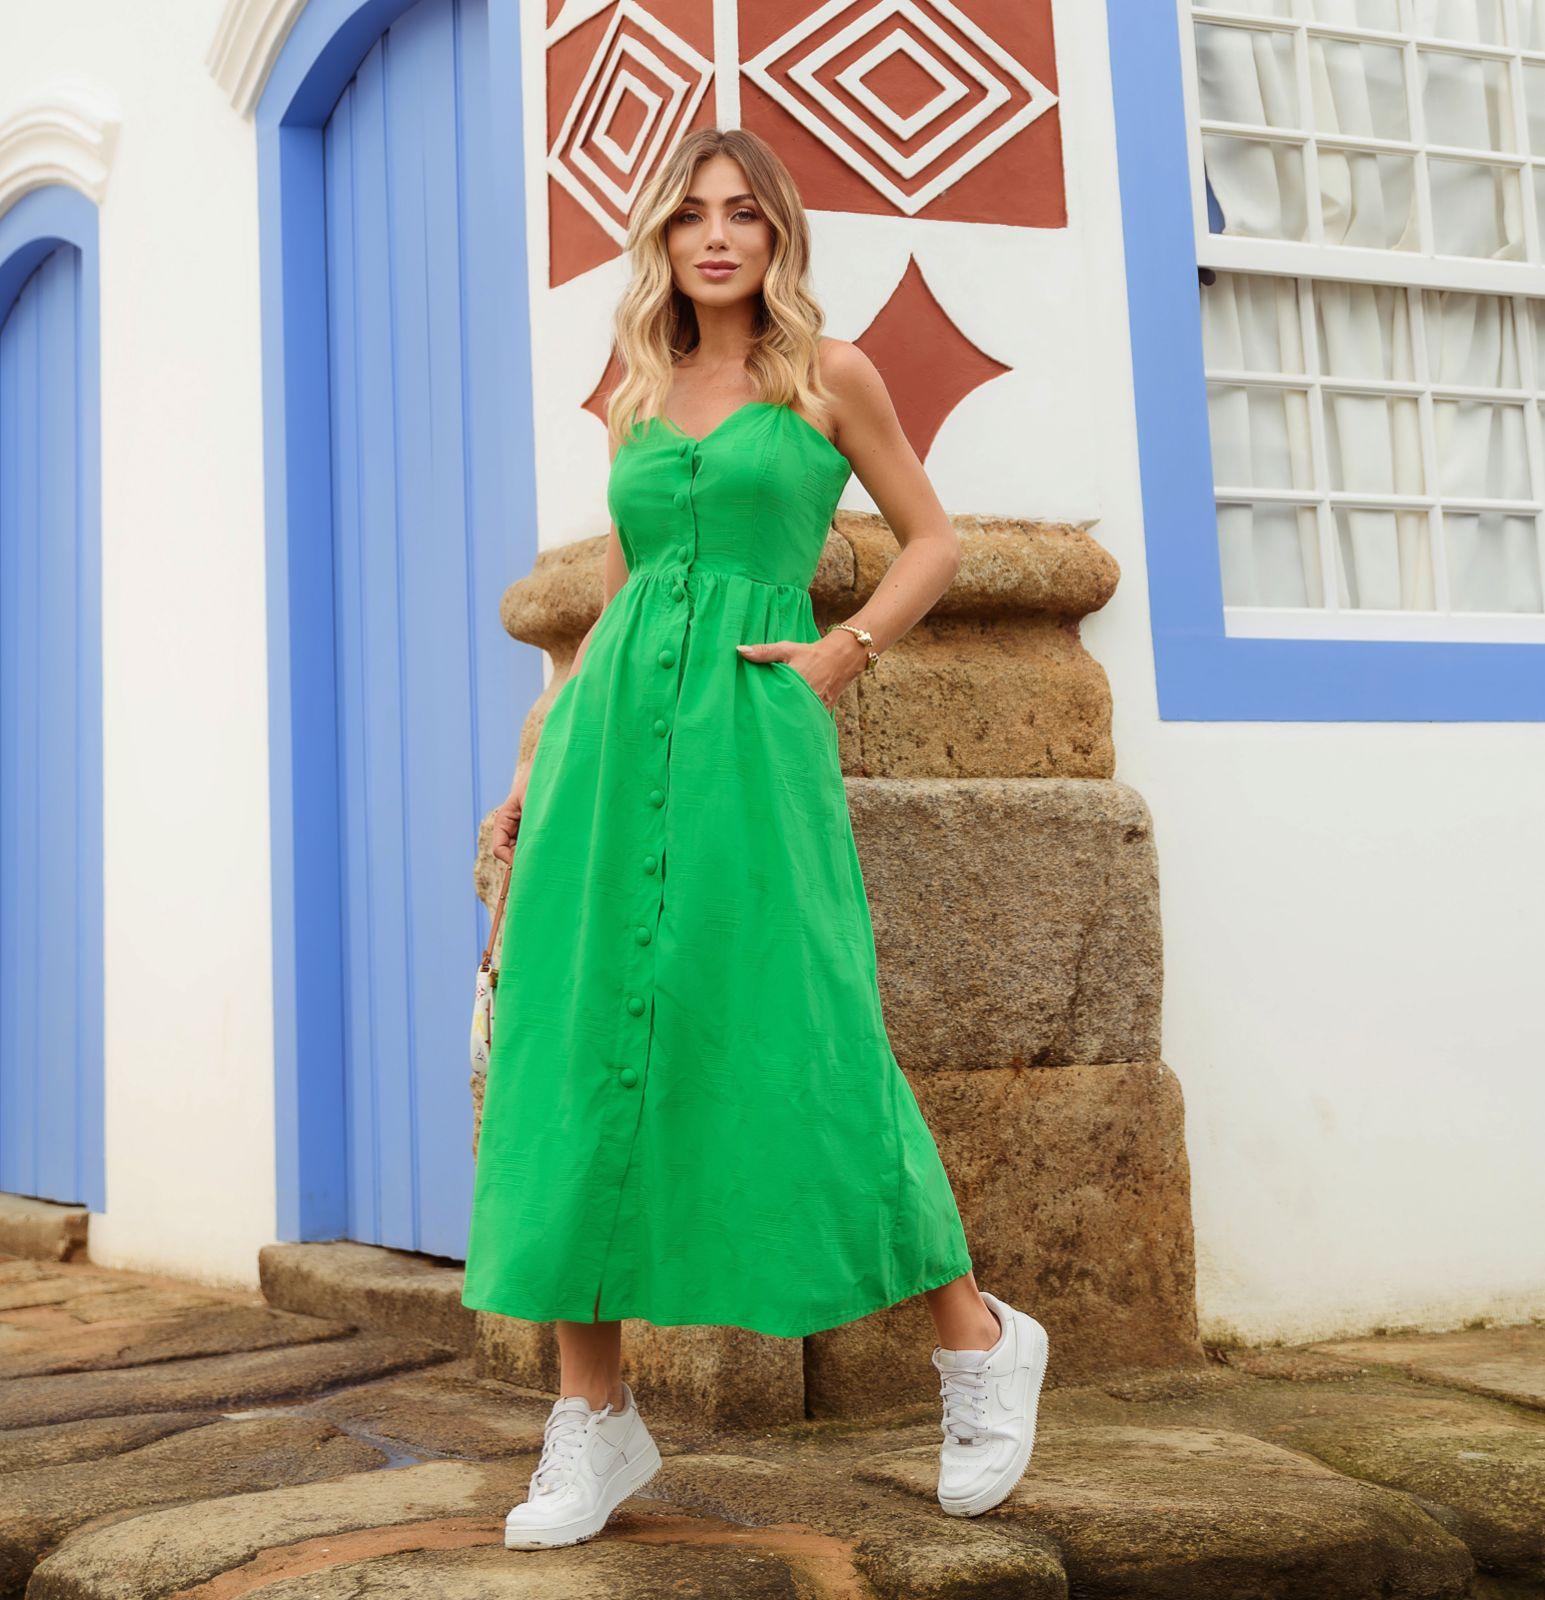 Vestido Karin Midi Tecido Misto (Forro) Detalhe Decote Coração Fechamento Frontal Botões